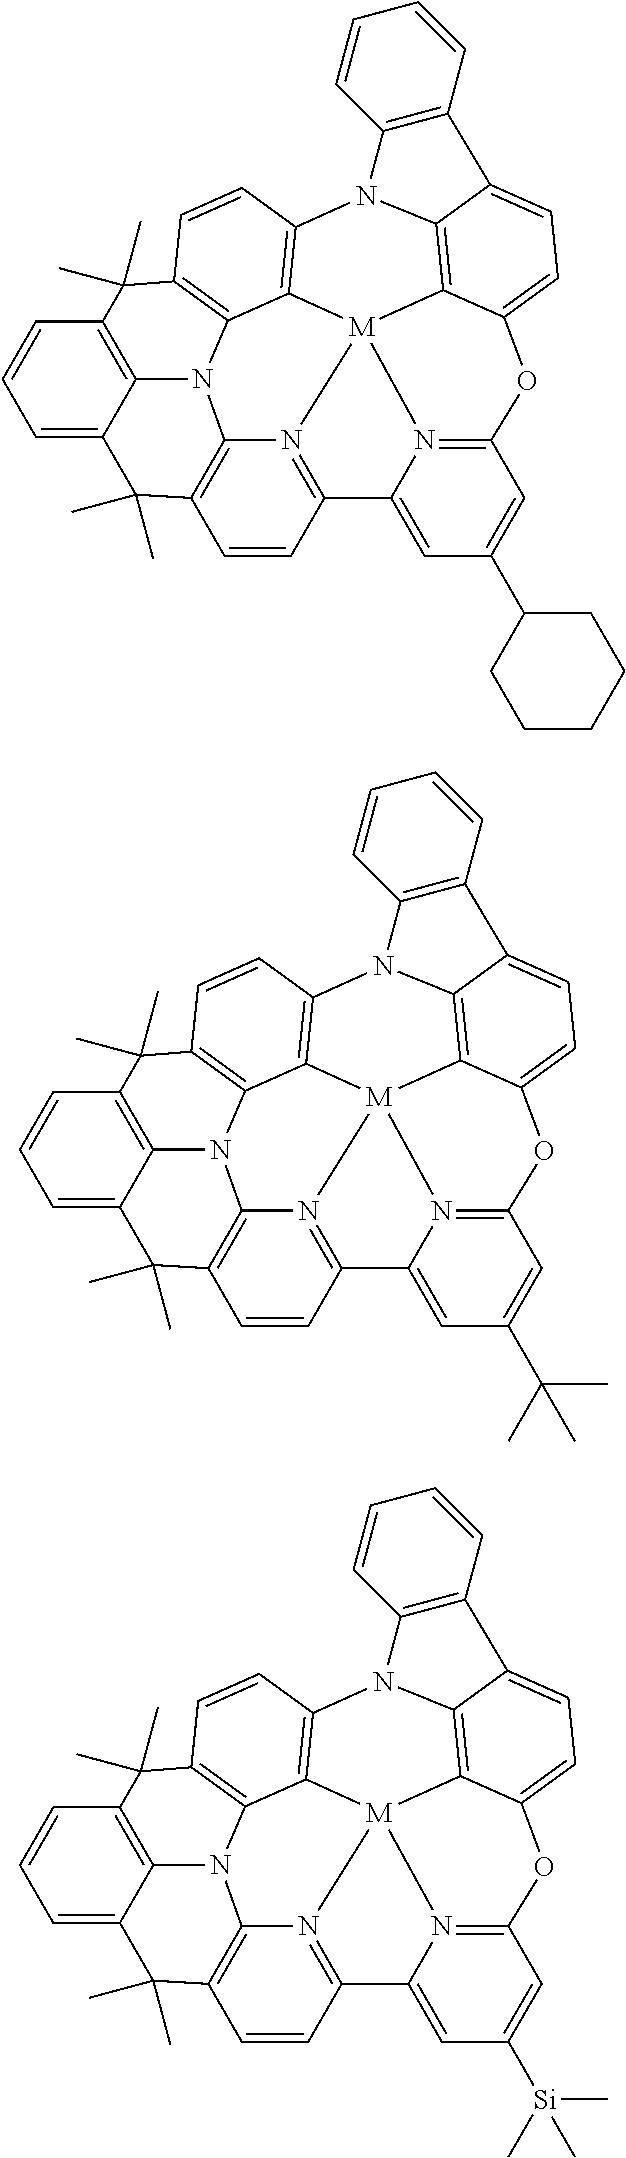 Figure US10158091-20181218-C00170